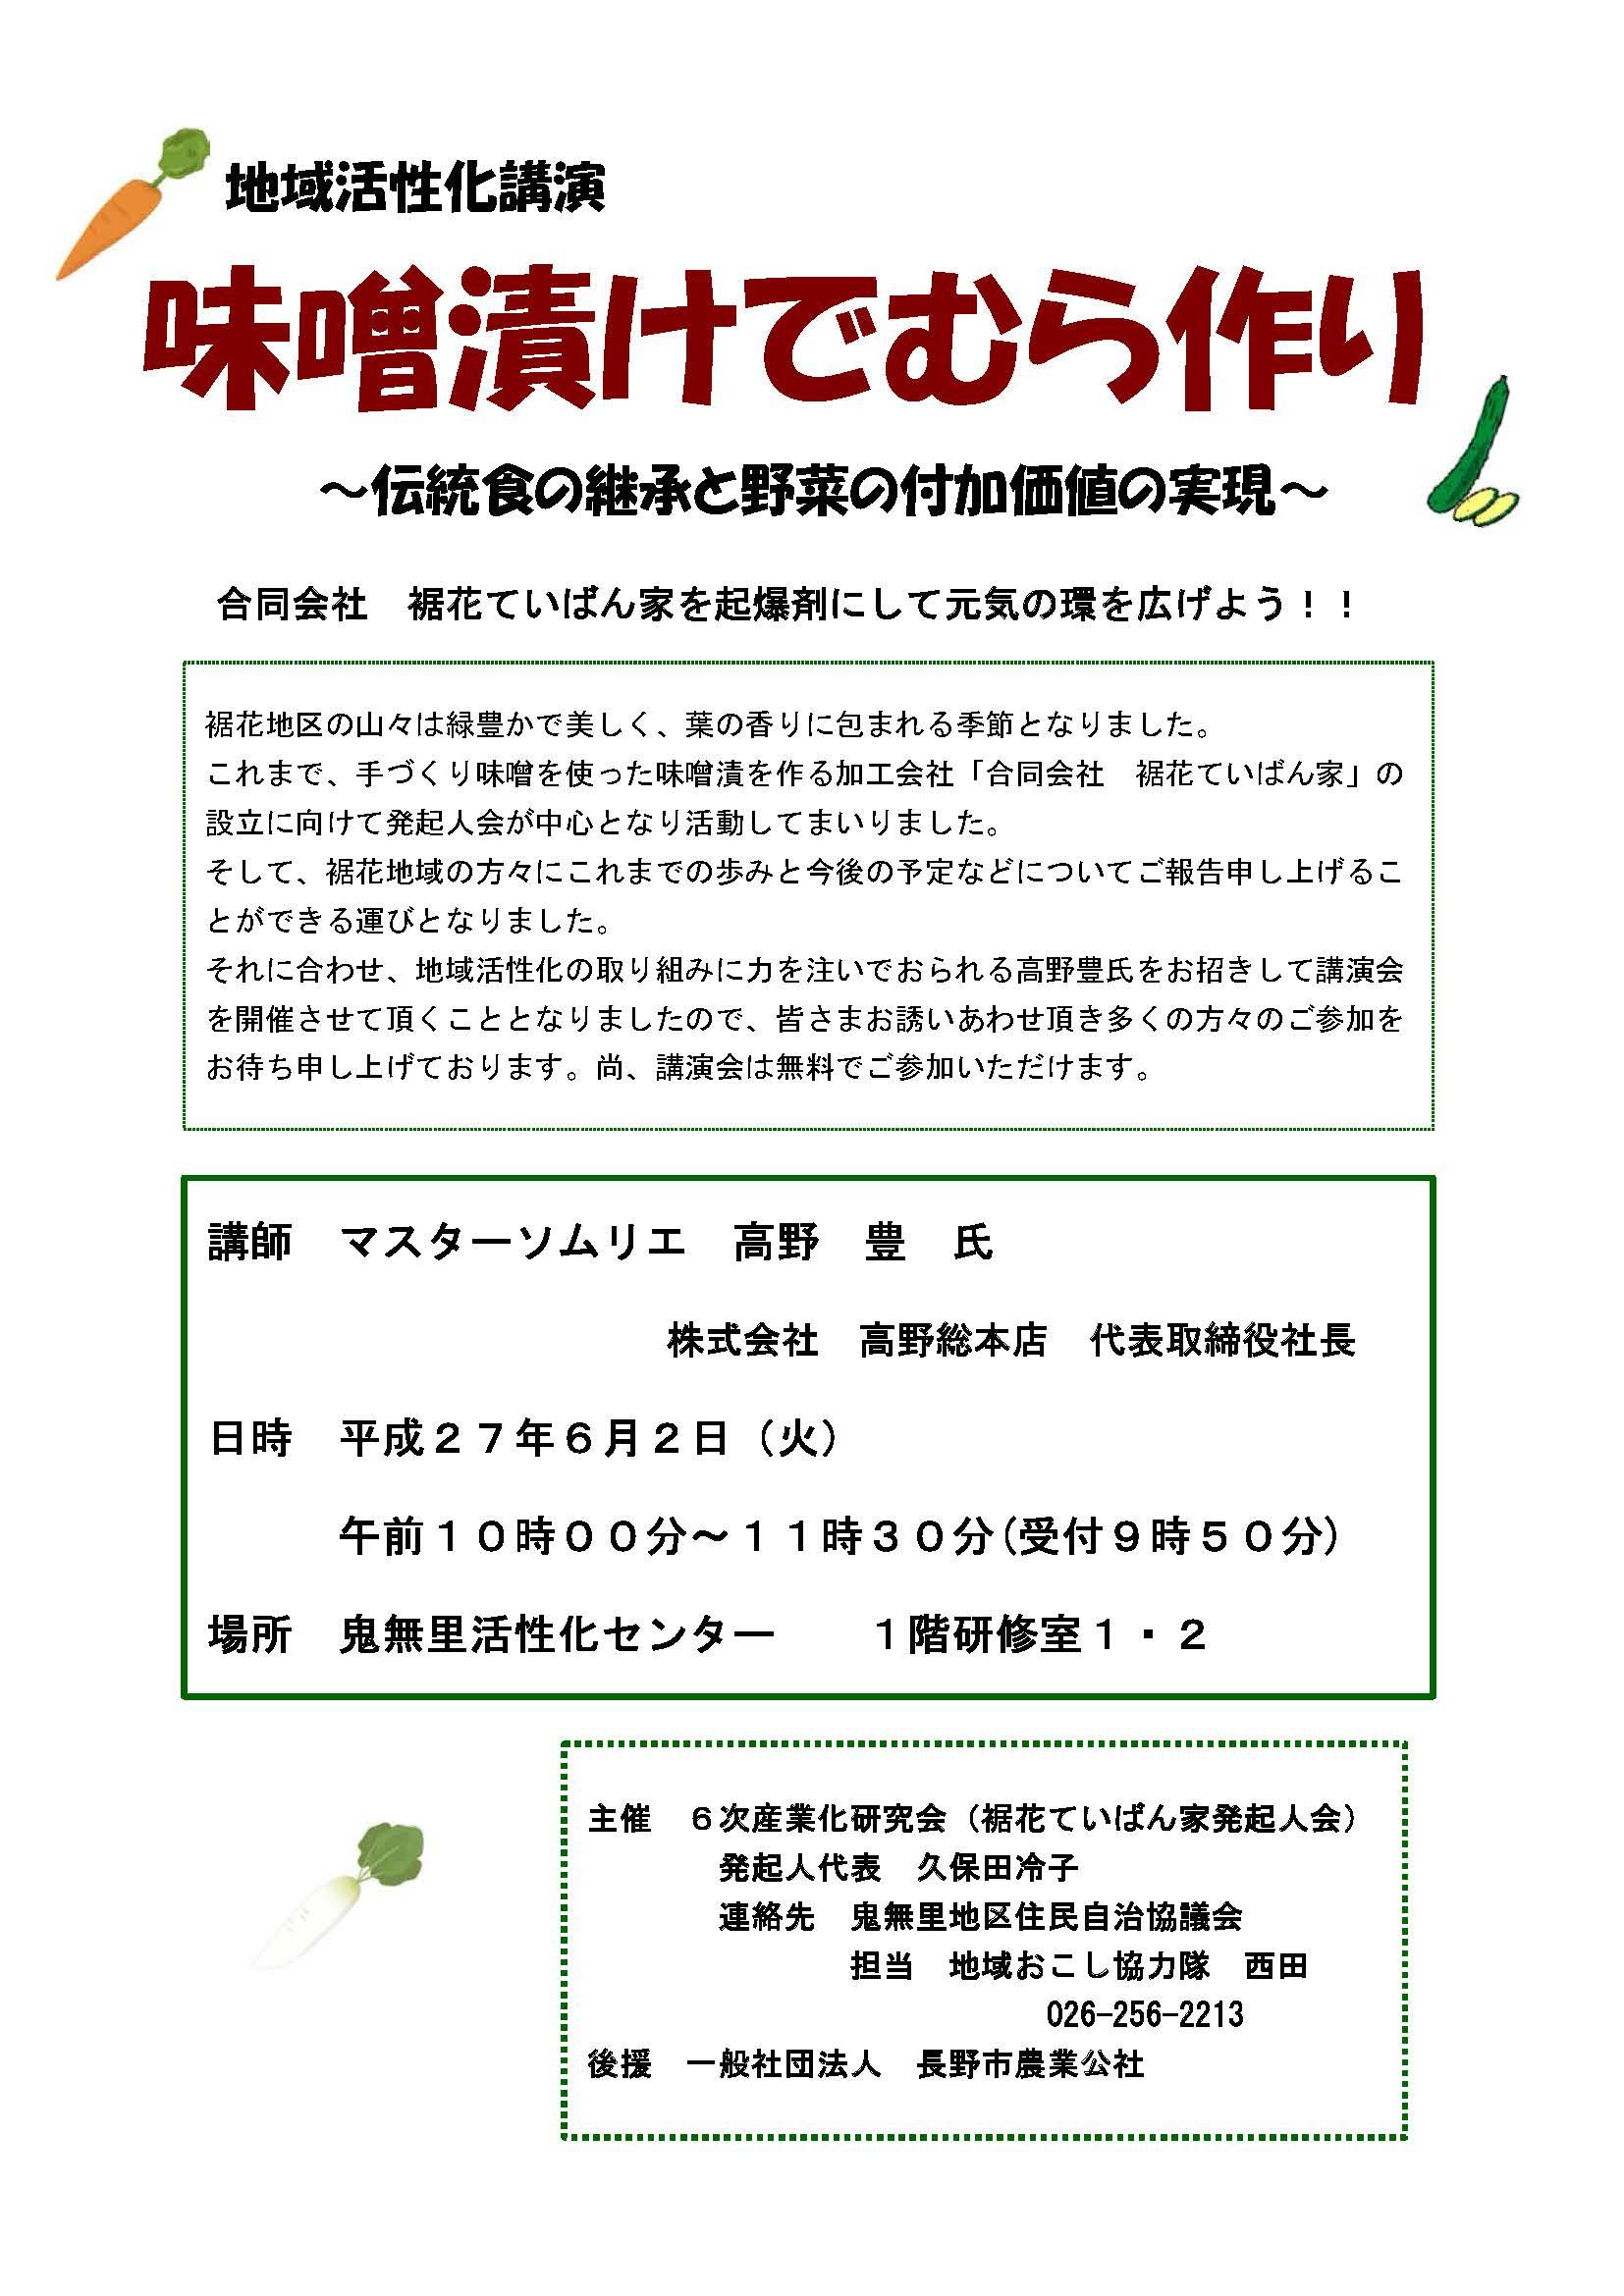 裾花ていばん家 チラシ(2015.4.30).jpgのサムネイル画像